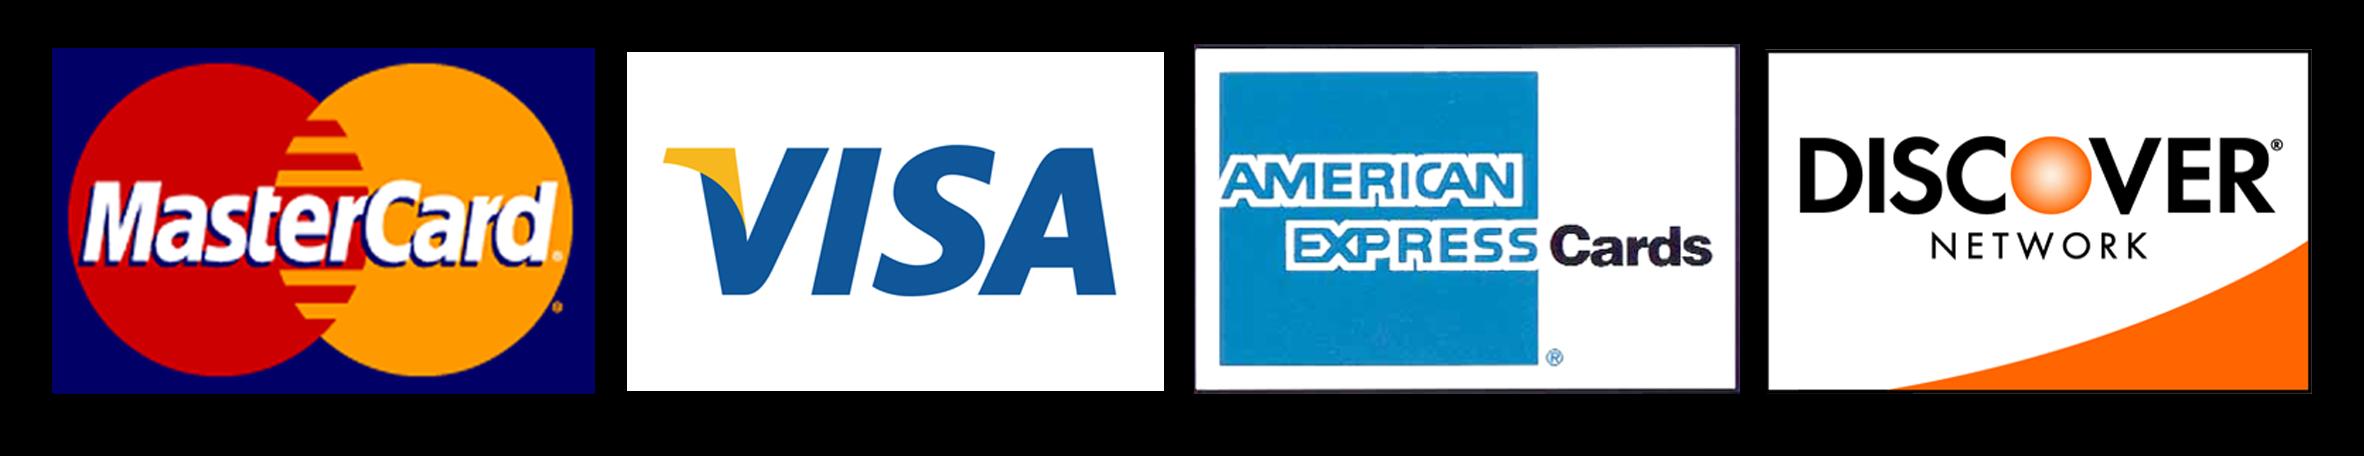 11 Visa MasterCard Icons Images - Logo MasterCard Visa Credit Card